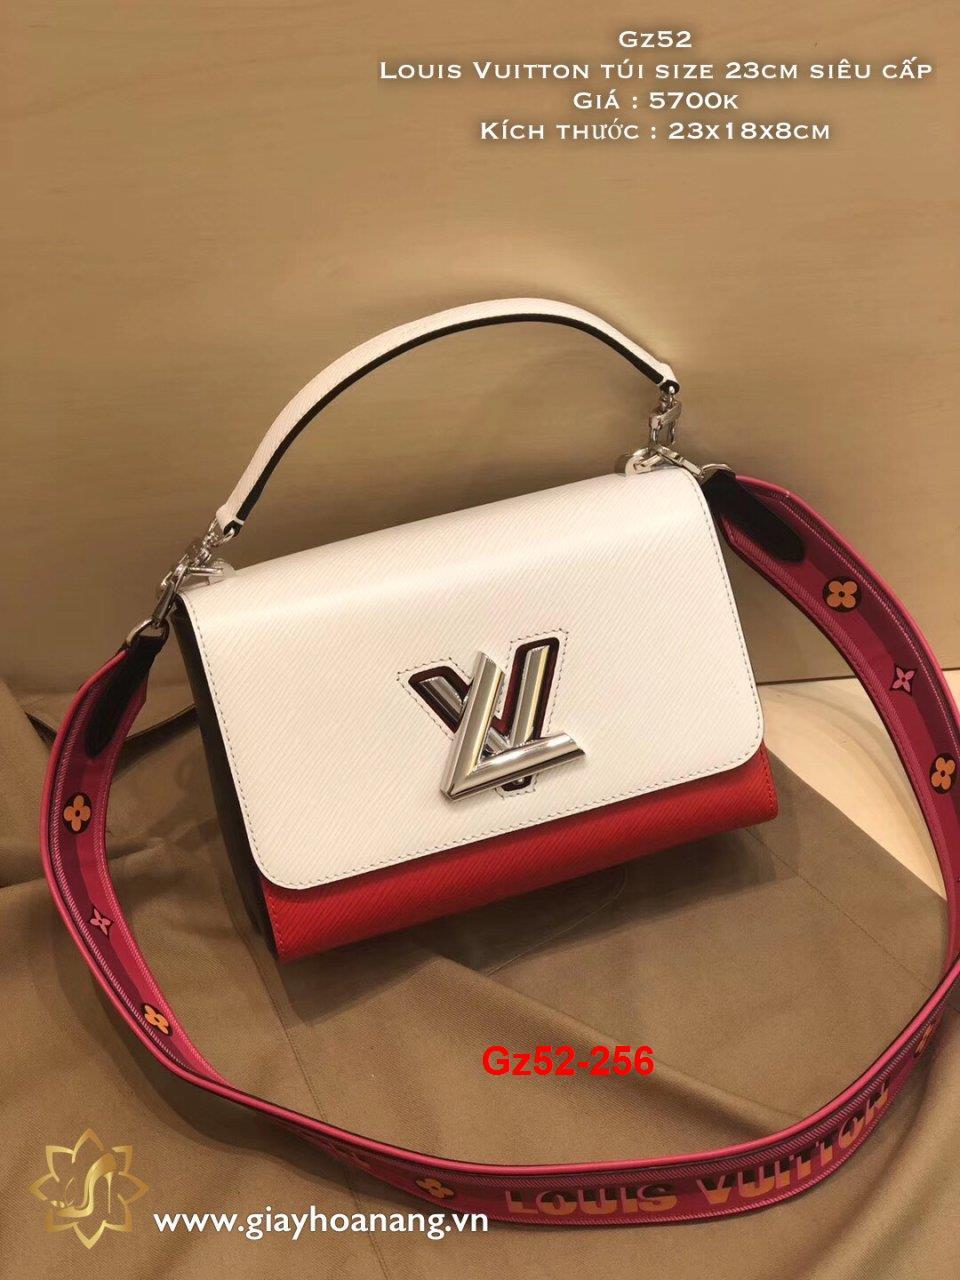 Gz52-256 Louis Vuitton túi size 23cm siêu cấp